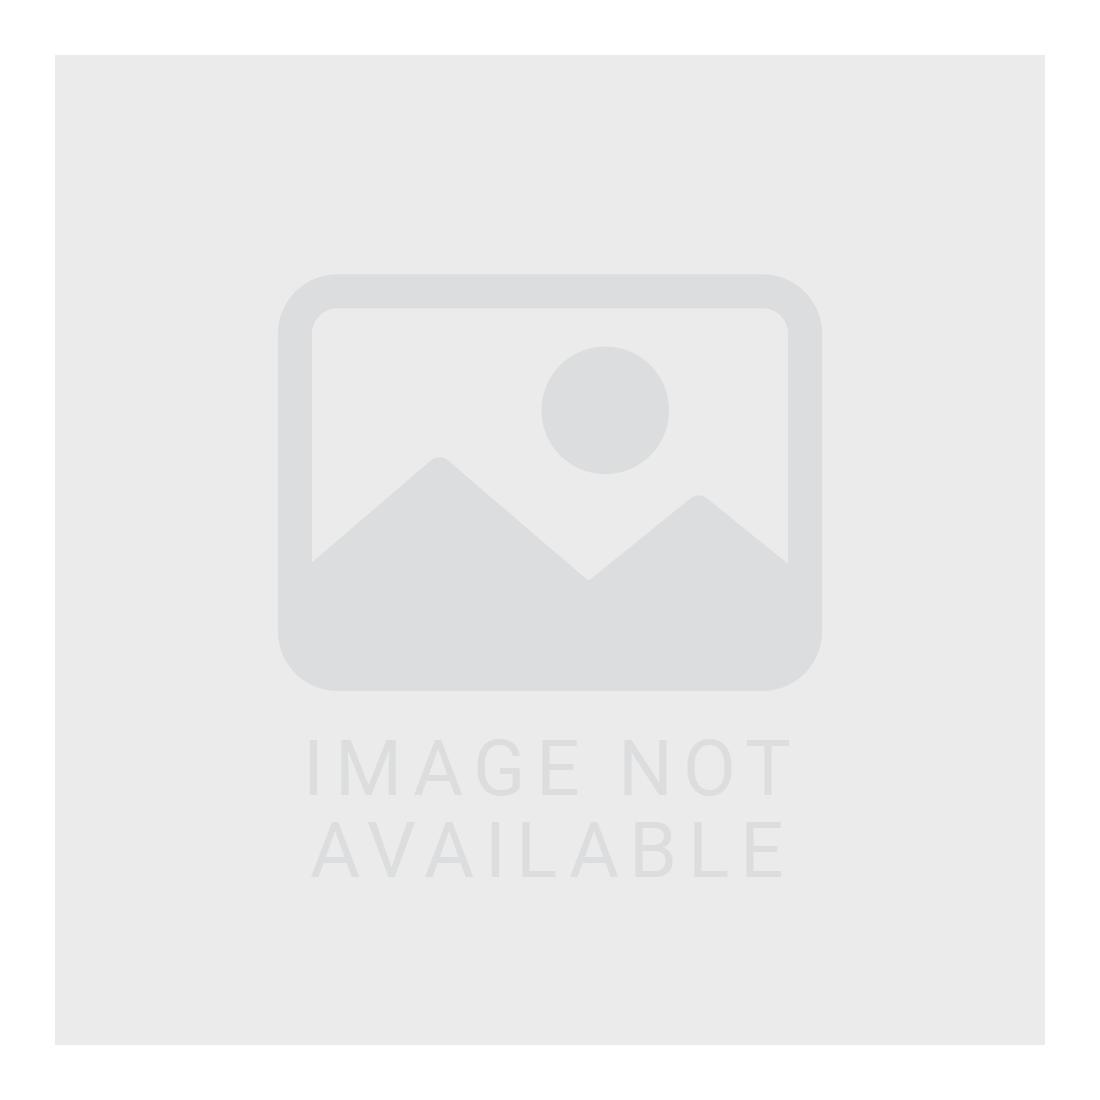 Crosshairs 3-Pack Graphics